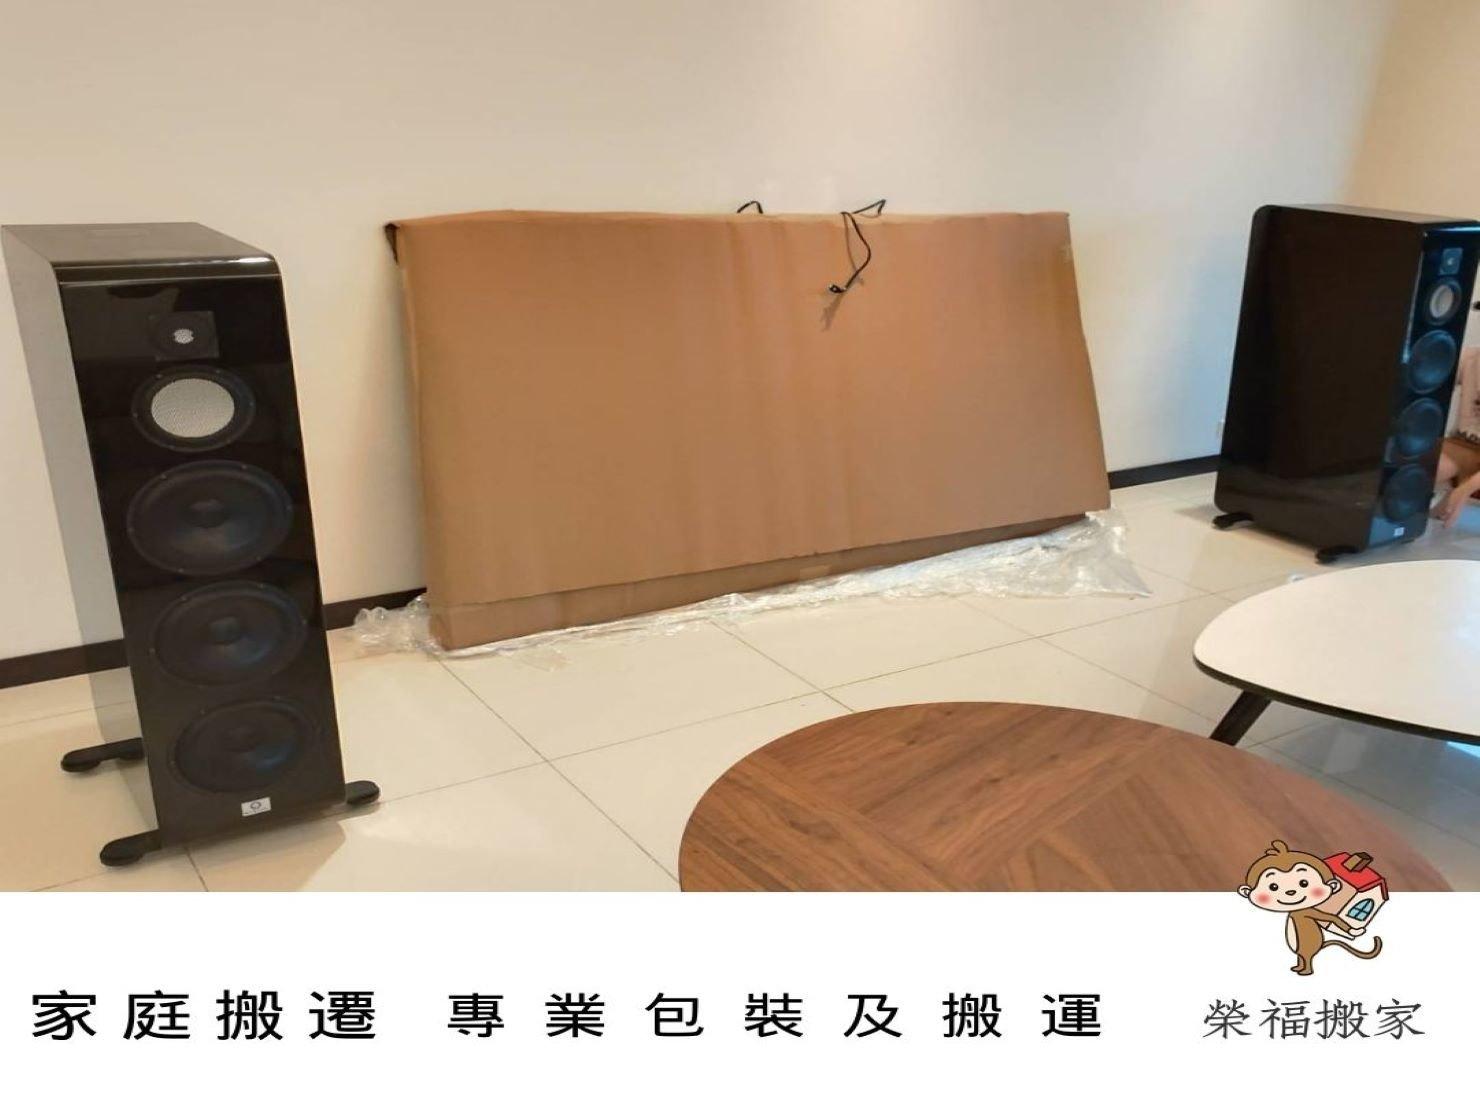 【搬家實錄】南港搬家至三峽客製化的家庭搬遷服務